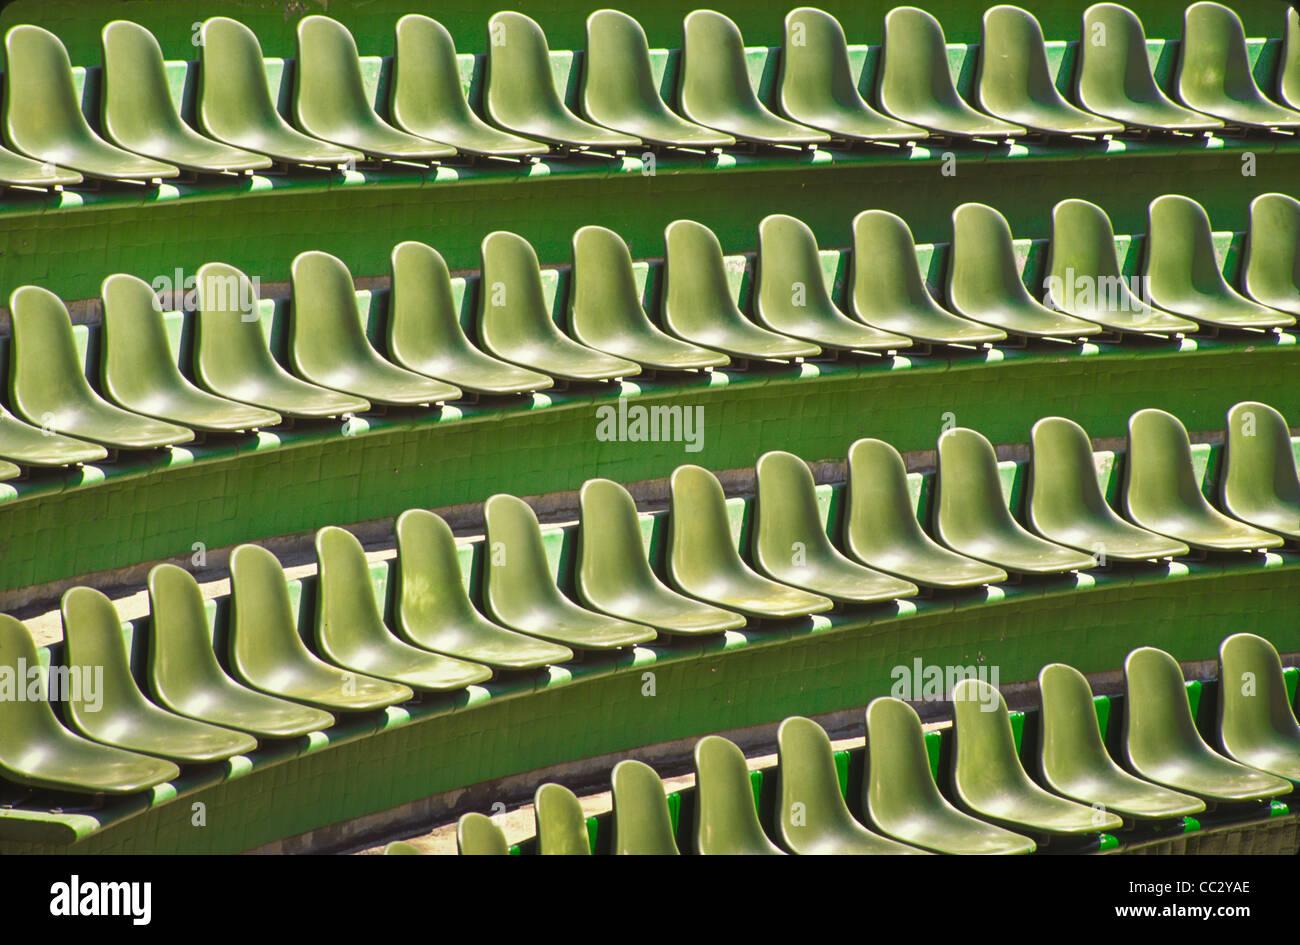 Messico, Guerrero, Ixtapa, file di sedili verde Immagini Stock